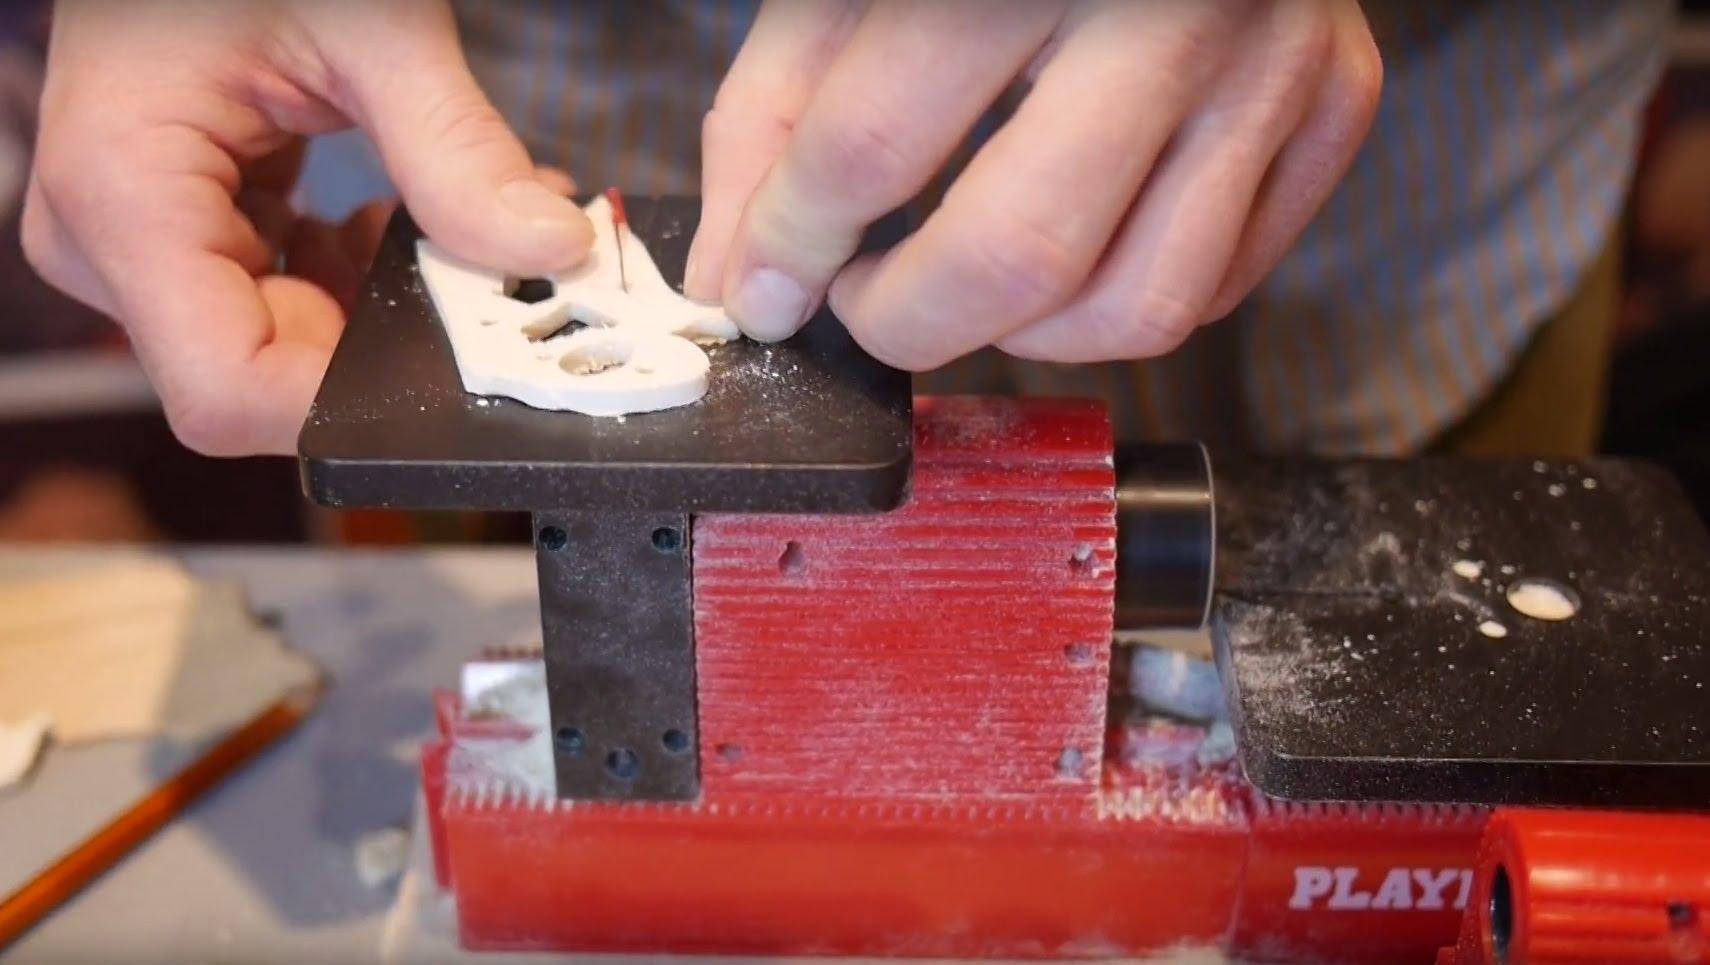 Детский столярный станок PLAYMAT: обработка дерева своими руками — это интересно - 3